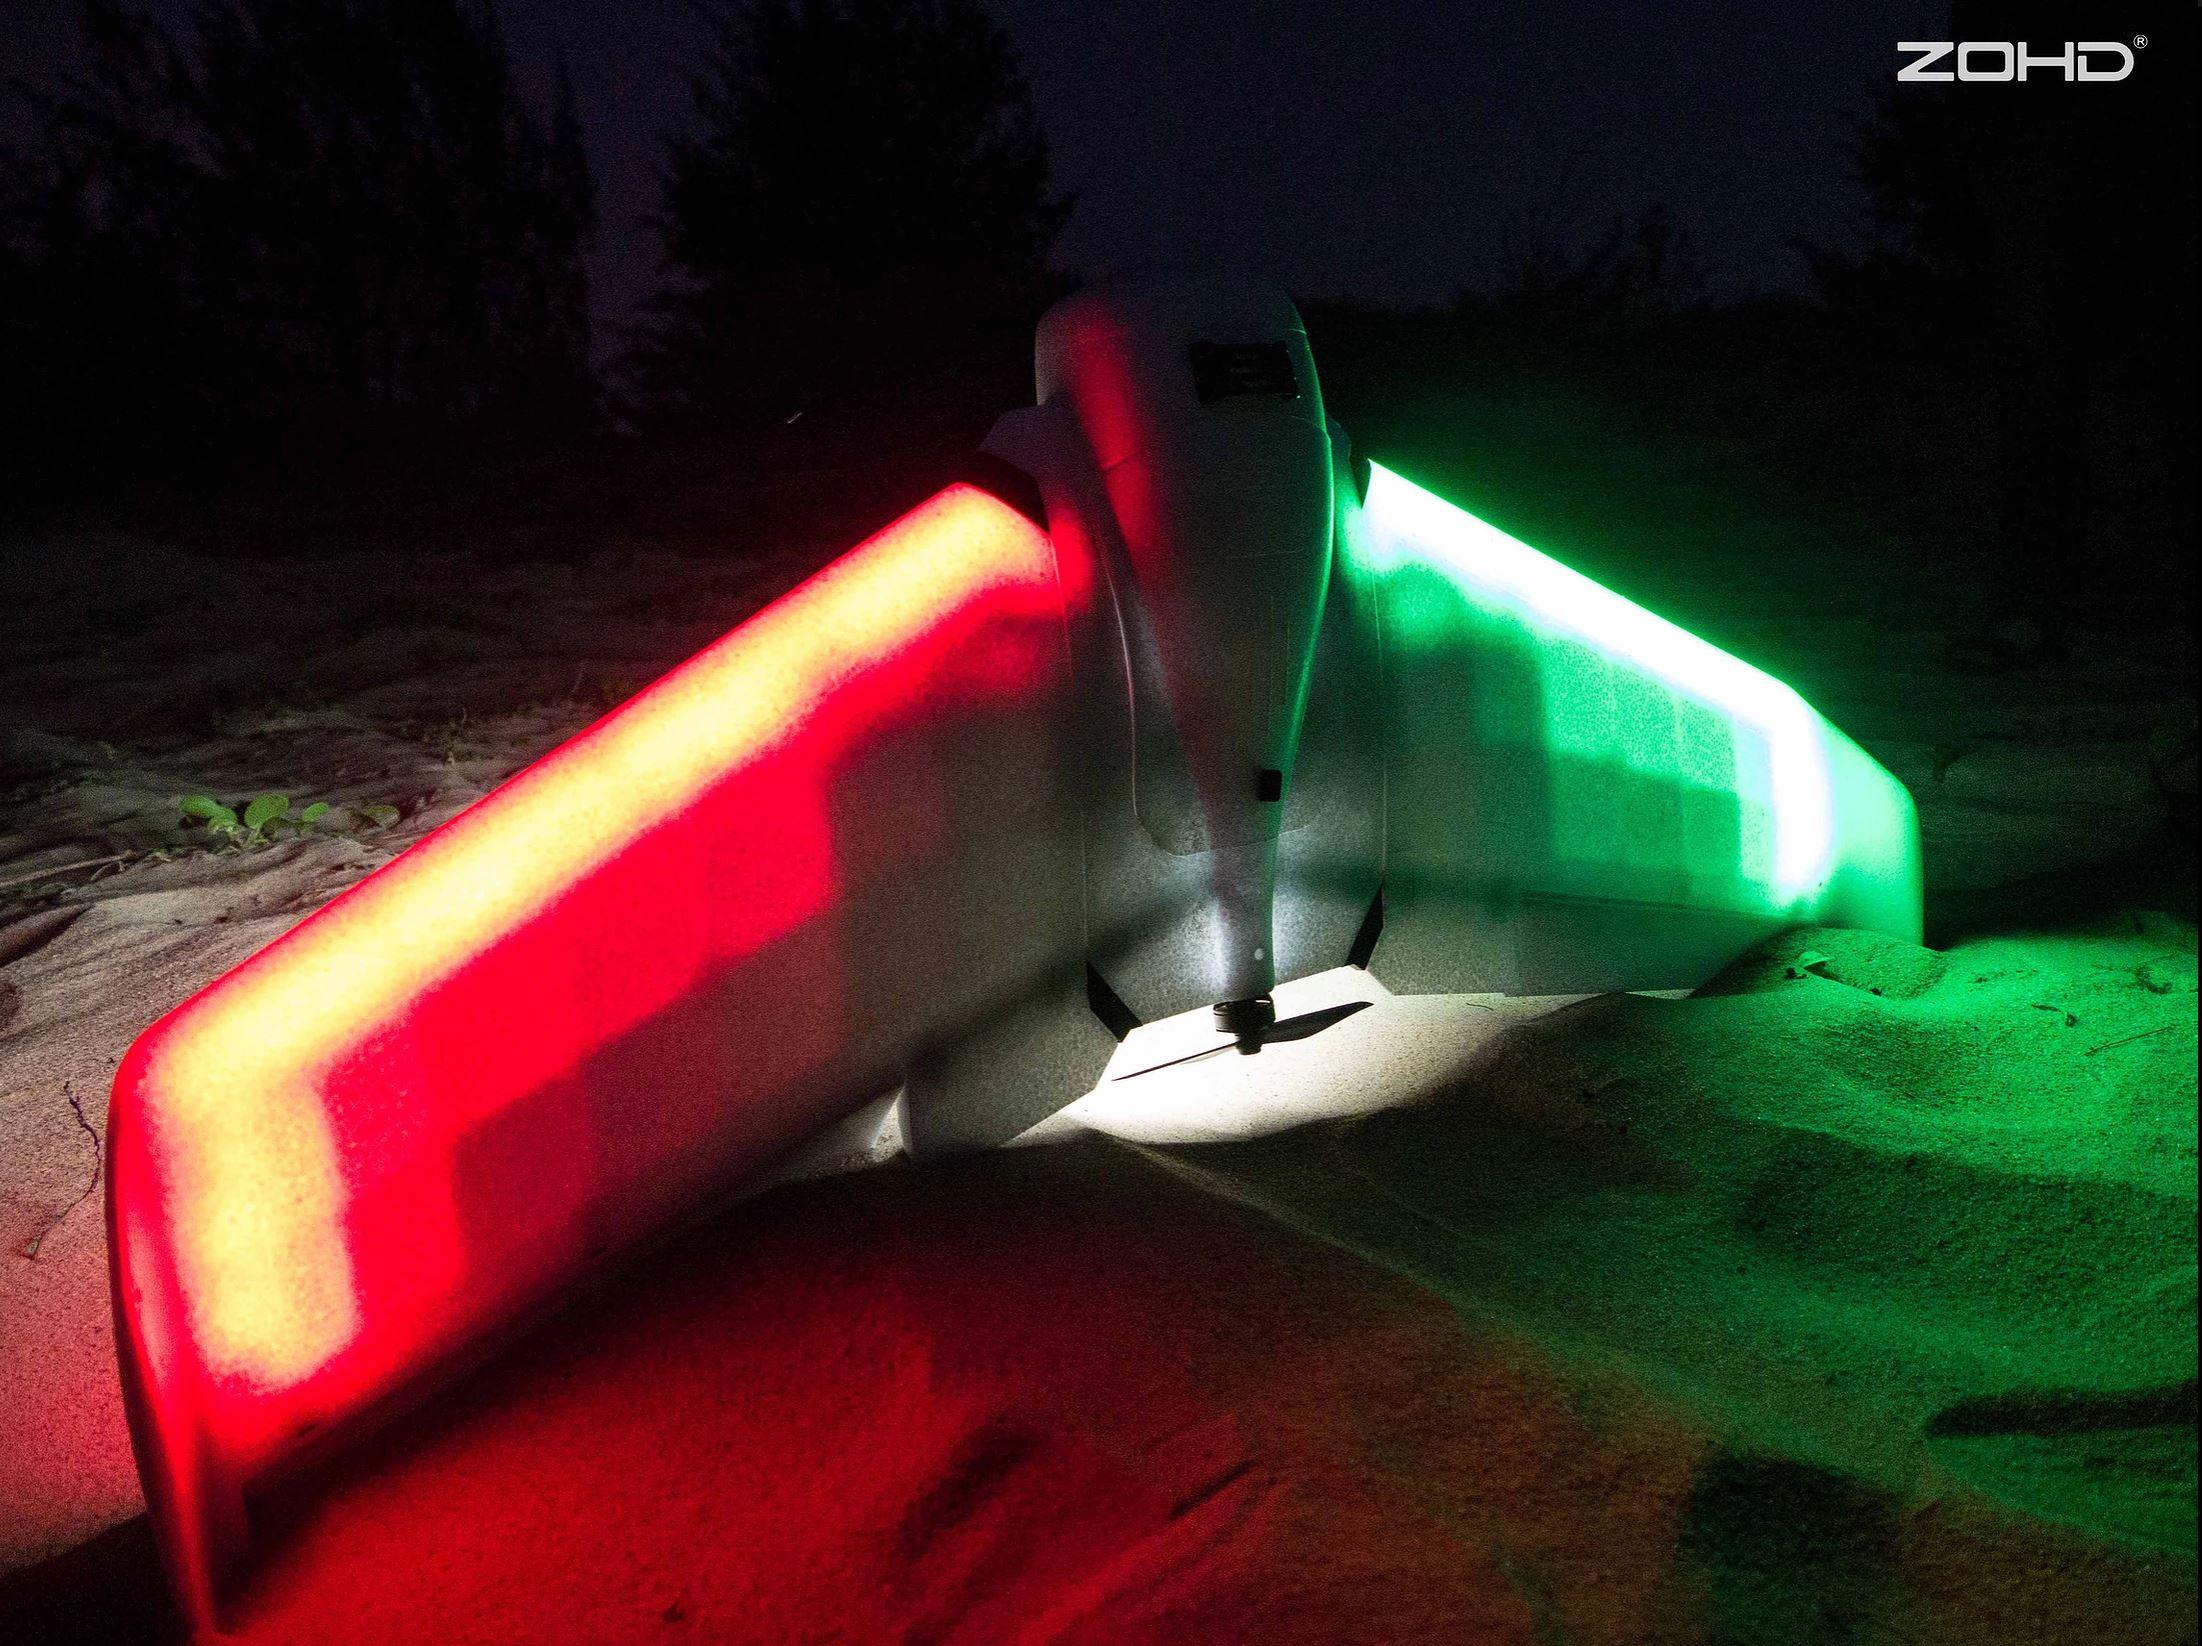 Orbit Neon ZOHD